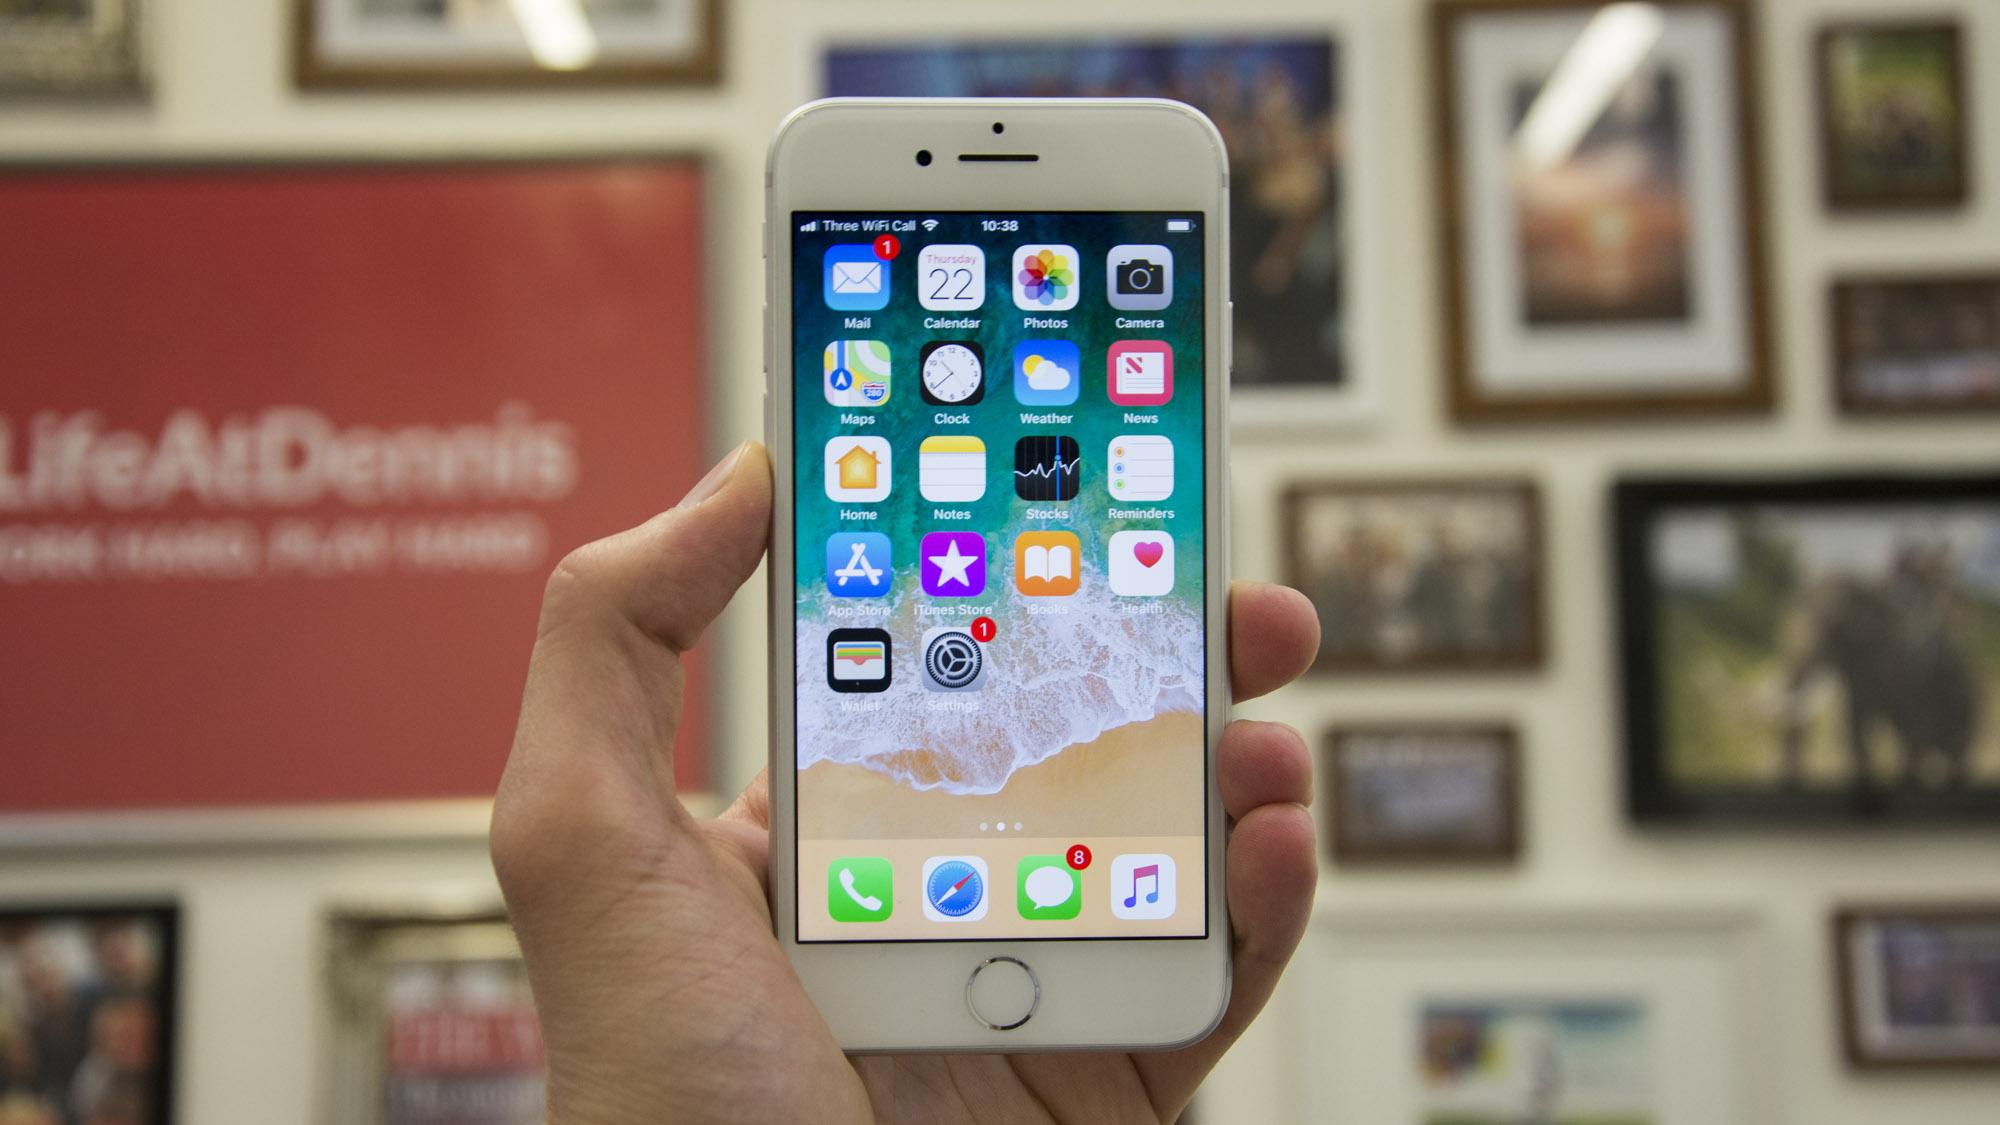 Problemas e correções do iOS: como resolver as falhas mais irritantes do iPhone e iPad